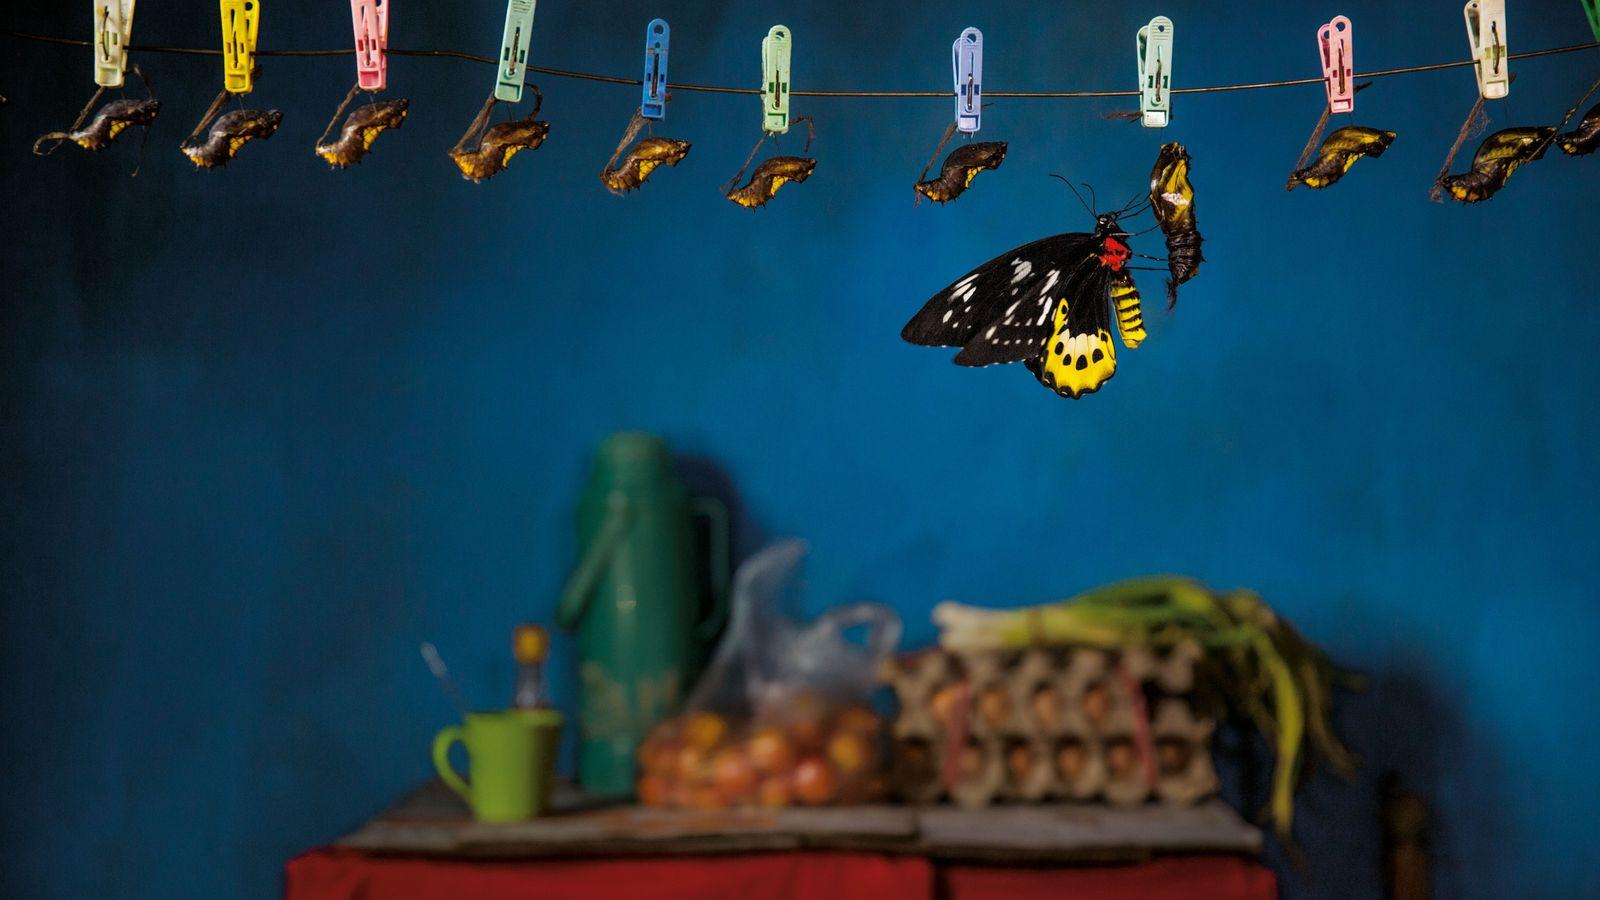 Un ornithoptère goliath éclot dans la cuisine d'une maison d'hôtes de Papouasie occidentale, en Indonésie. Les ...